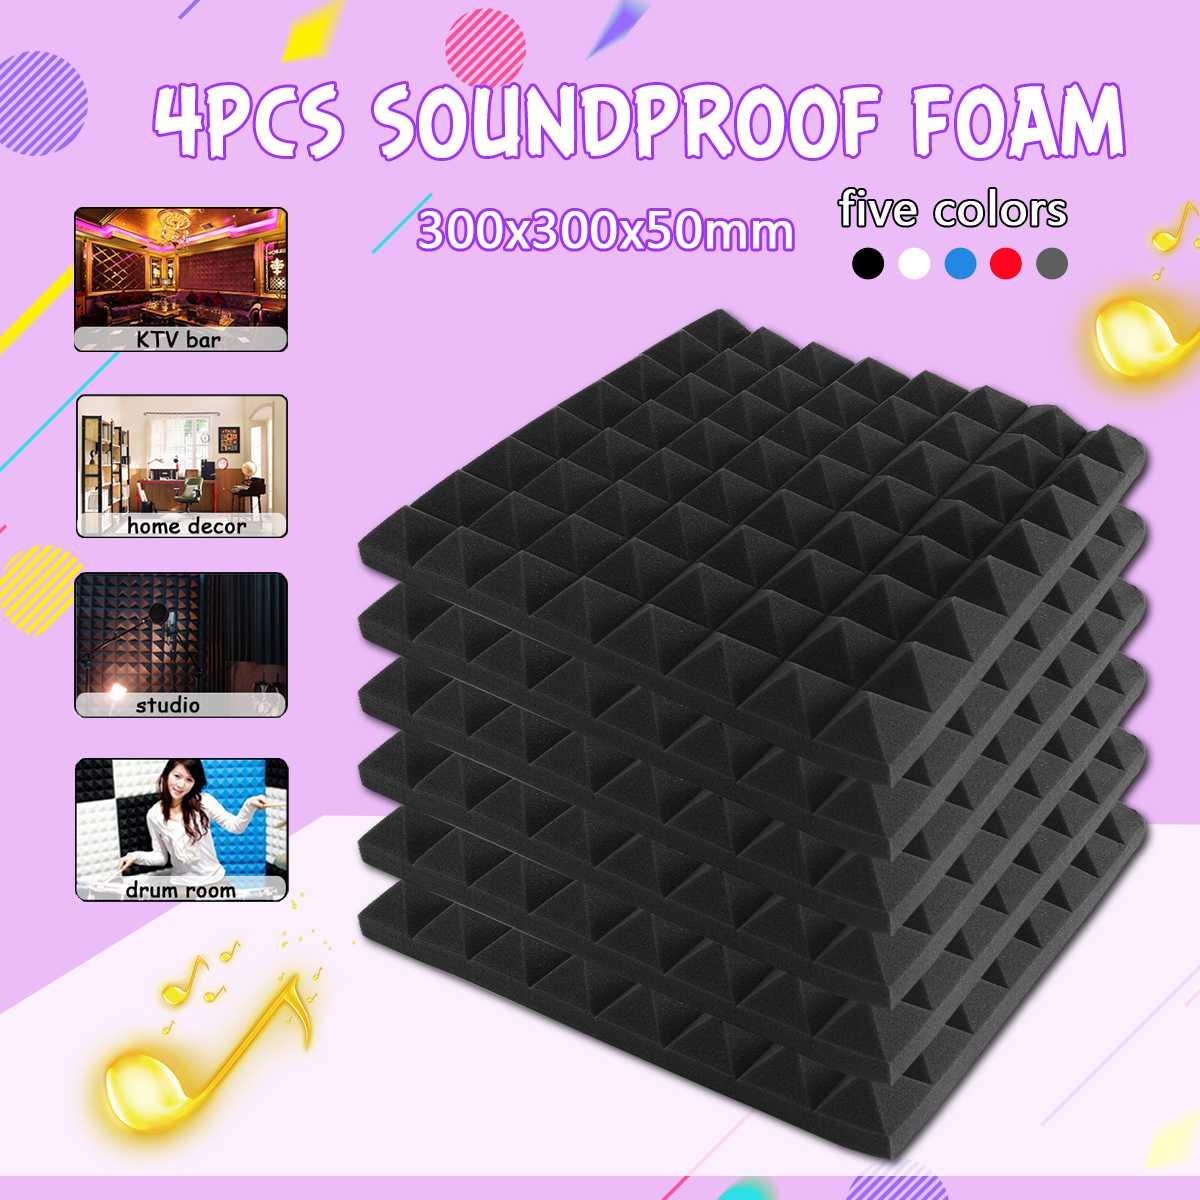 4 PCS 300X300X50mm Studio Acoustic Soundproof Foam Sound Absorption Treatment Panel Tile Protective Polyurethane Sponge